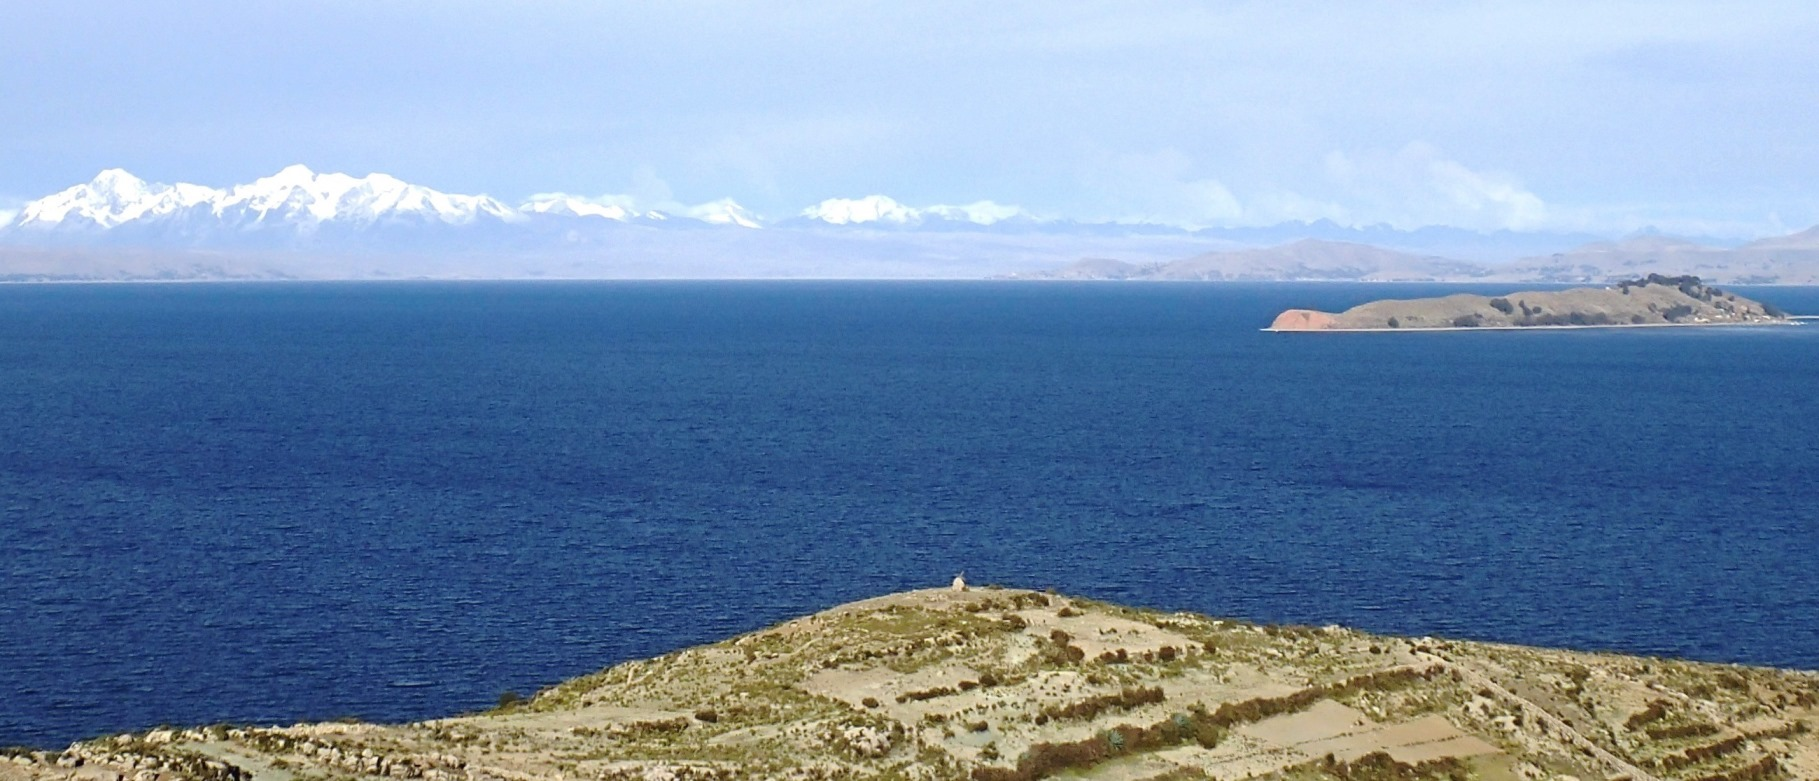 エコ・ロッジの前から望む月の島と、雪を抱いたレアル山脈